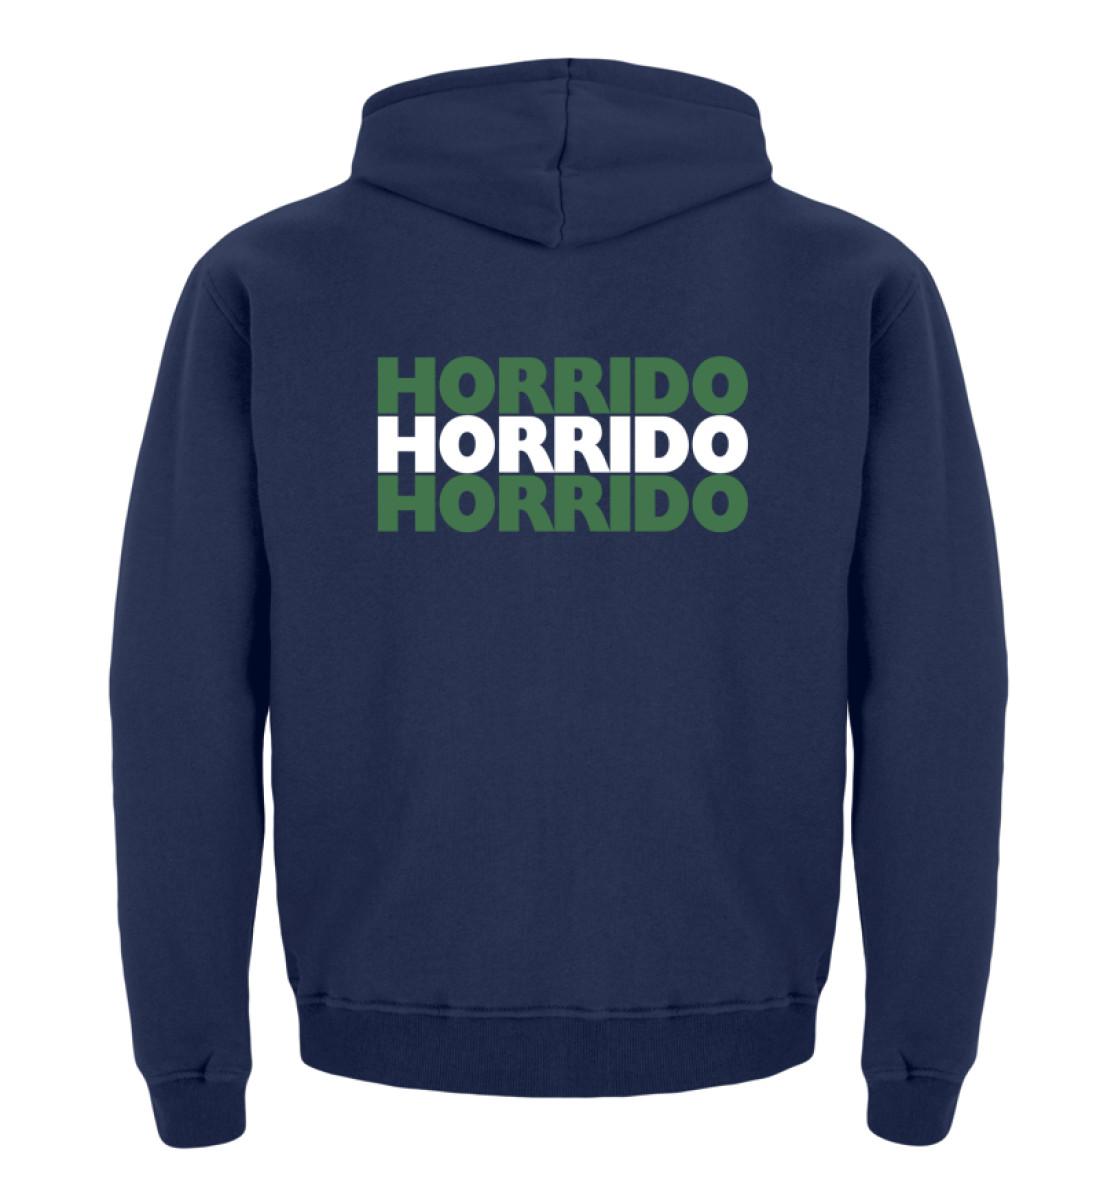 Horrido - Kinder Hoodie-1676